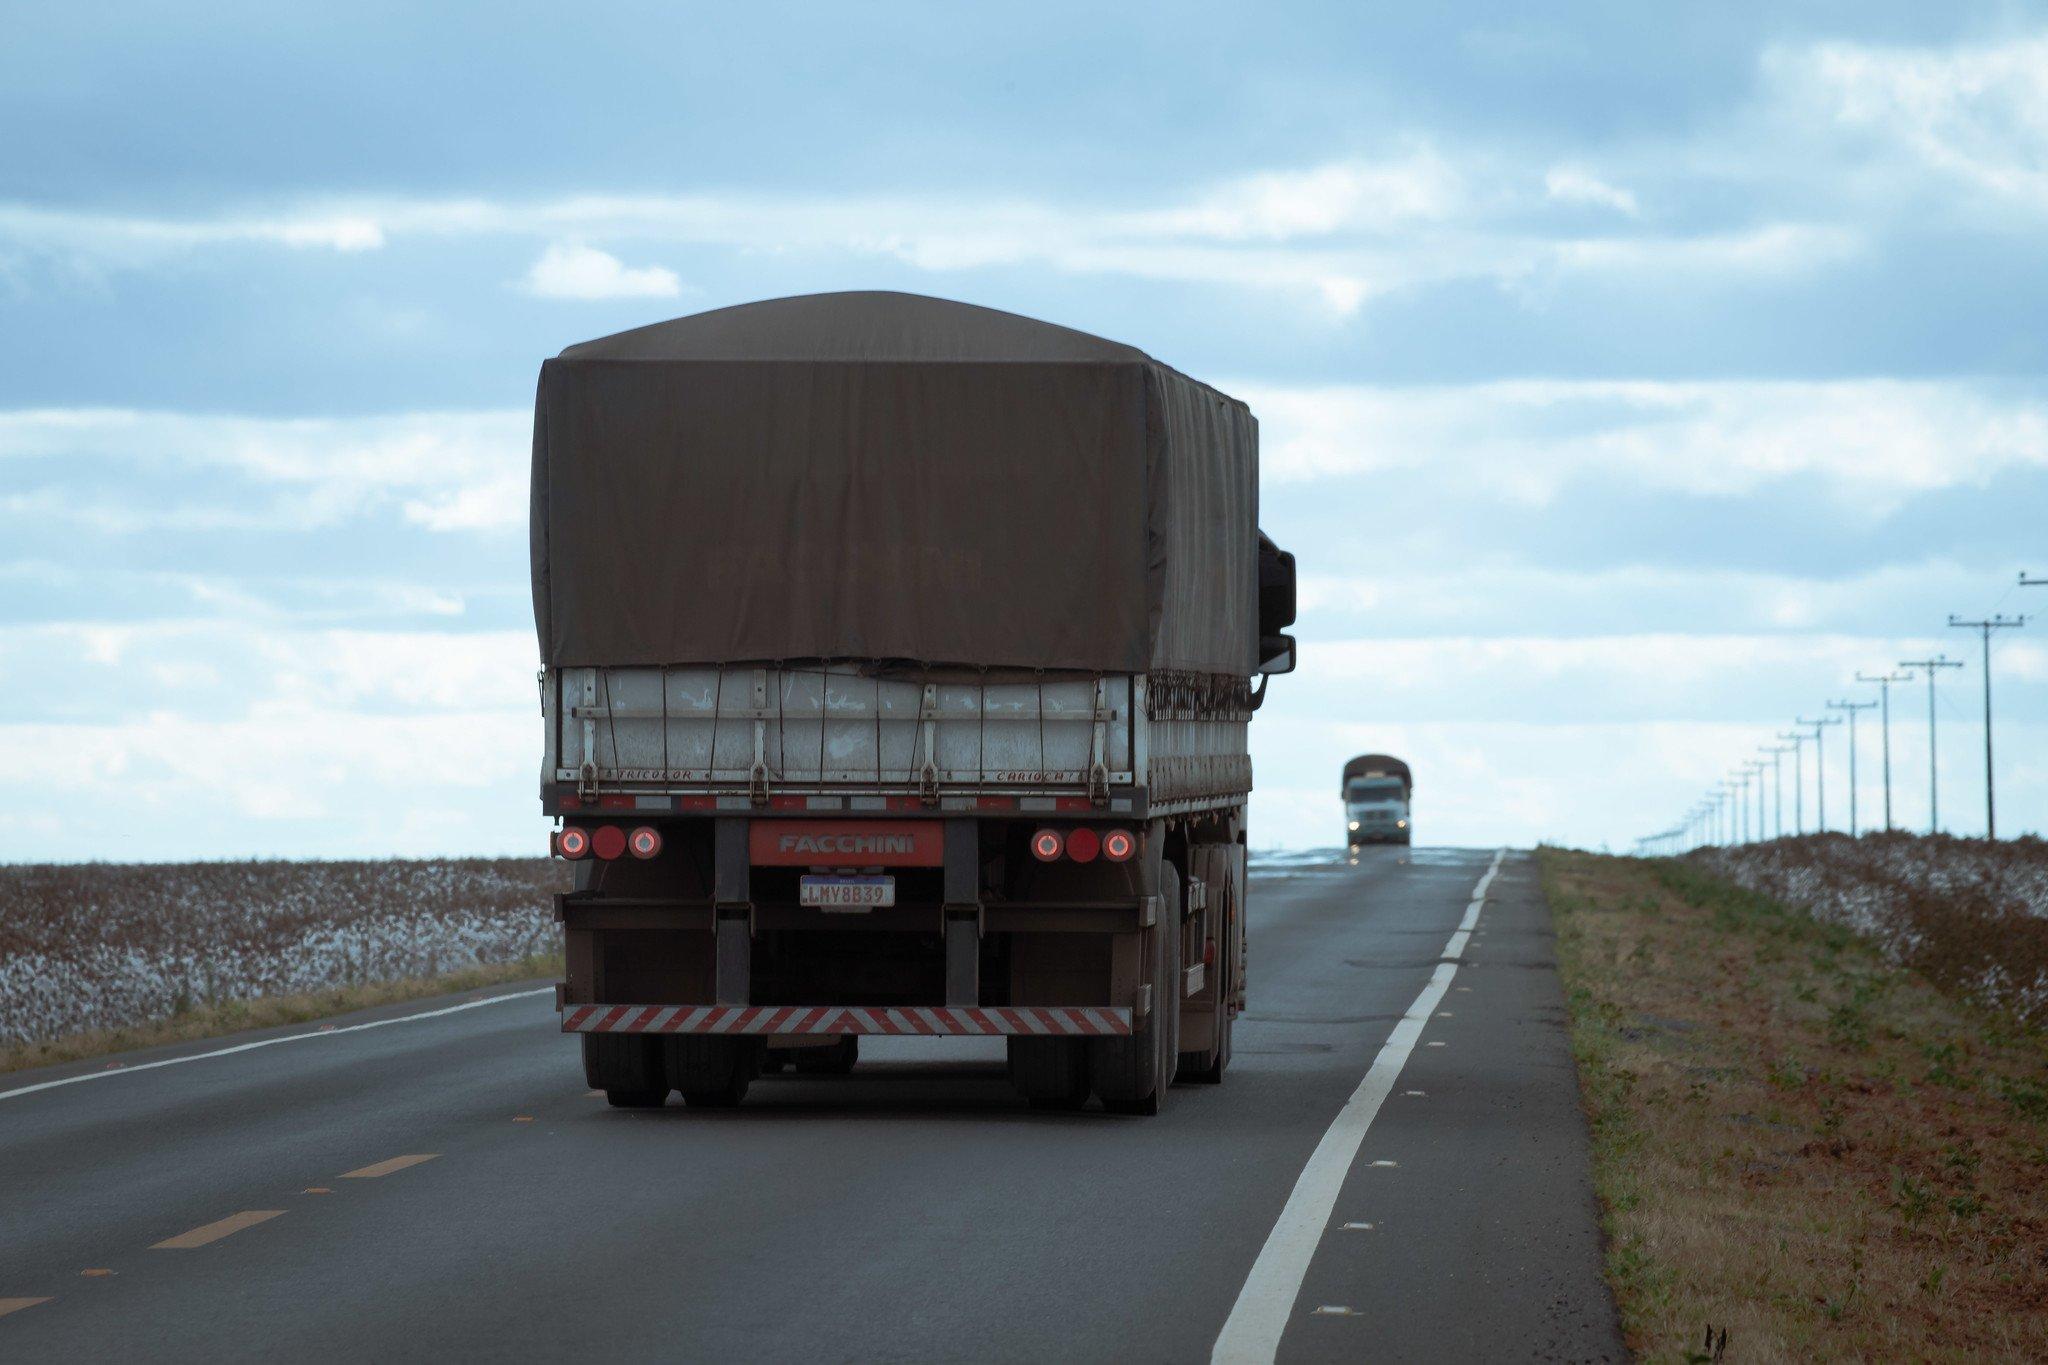 foto cna estrada caminhão logística